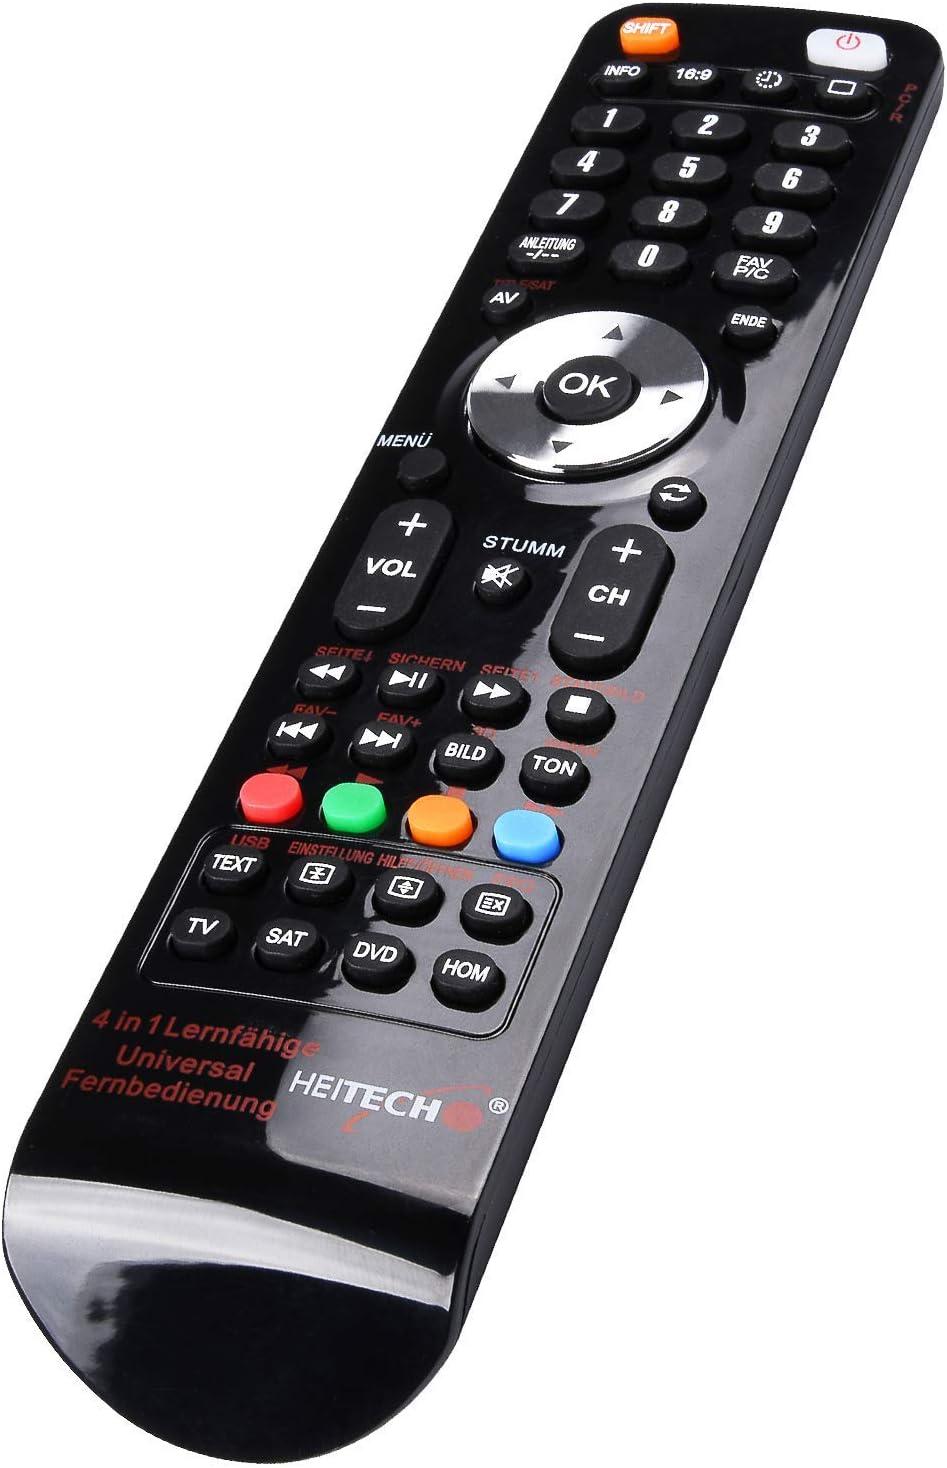 Heitech Universal Fernbedienung Für 4 Geräte 4in1 Elektronik